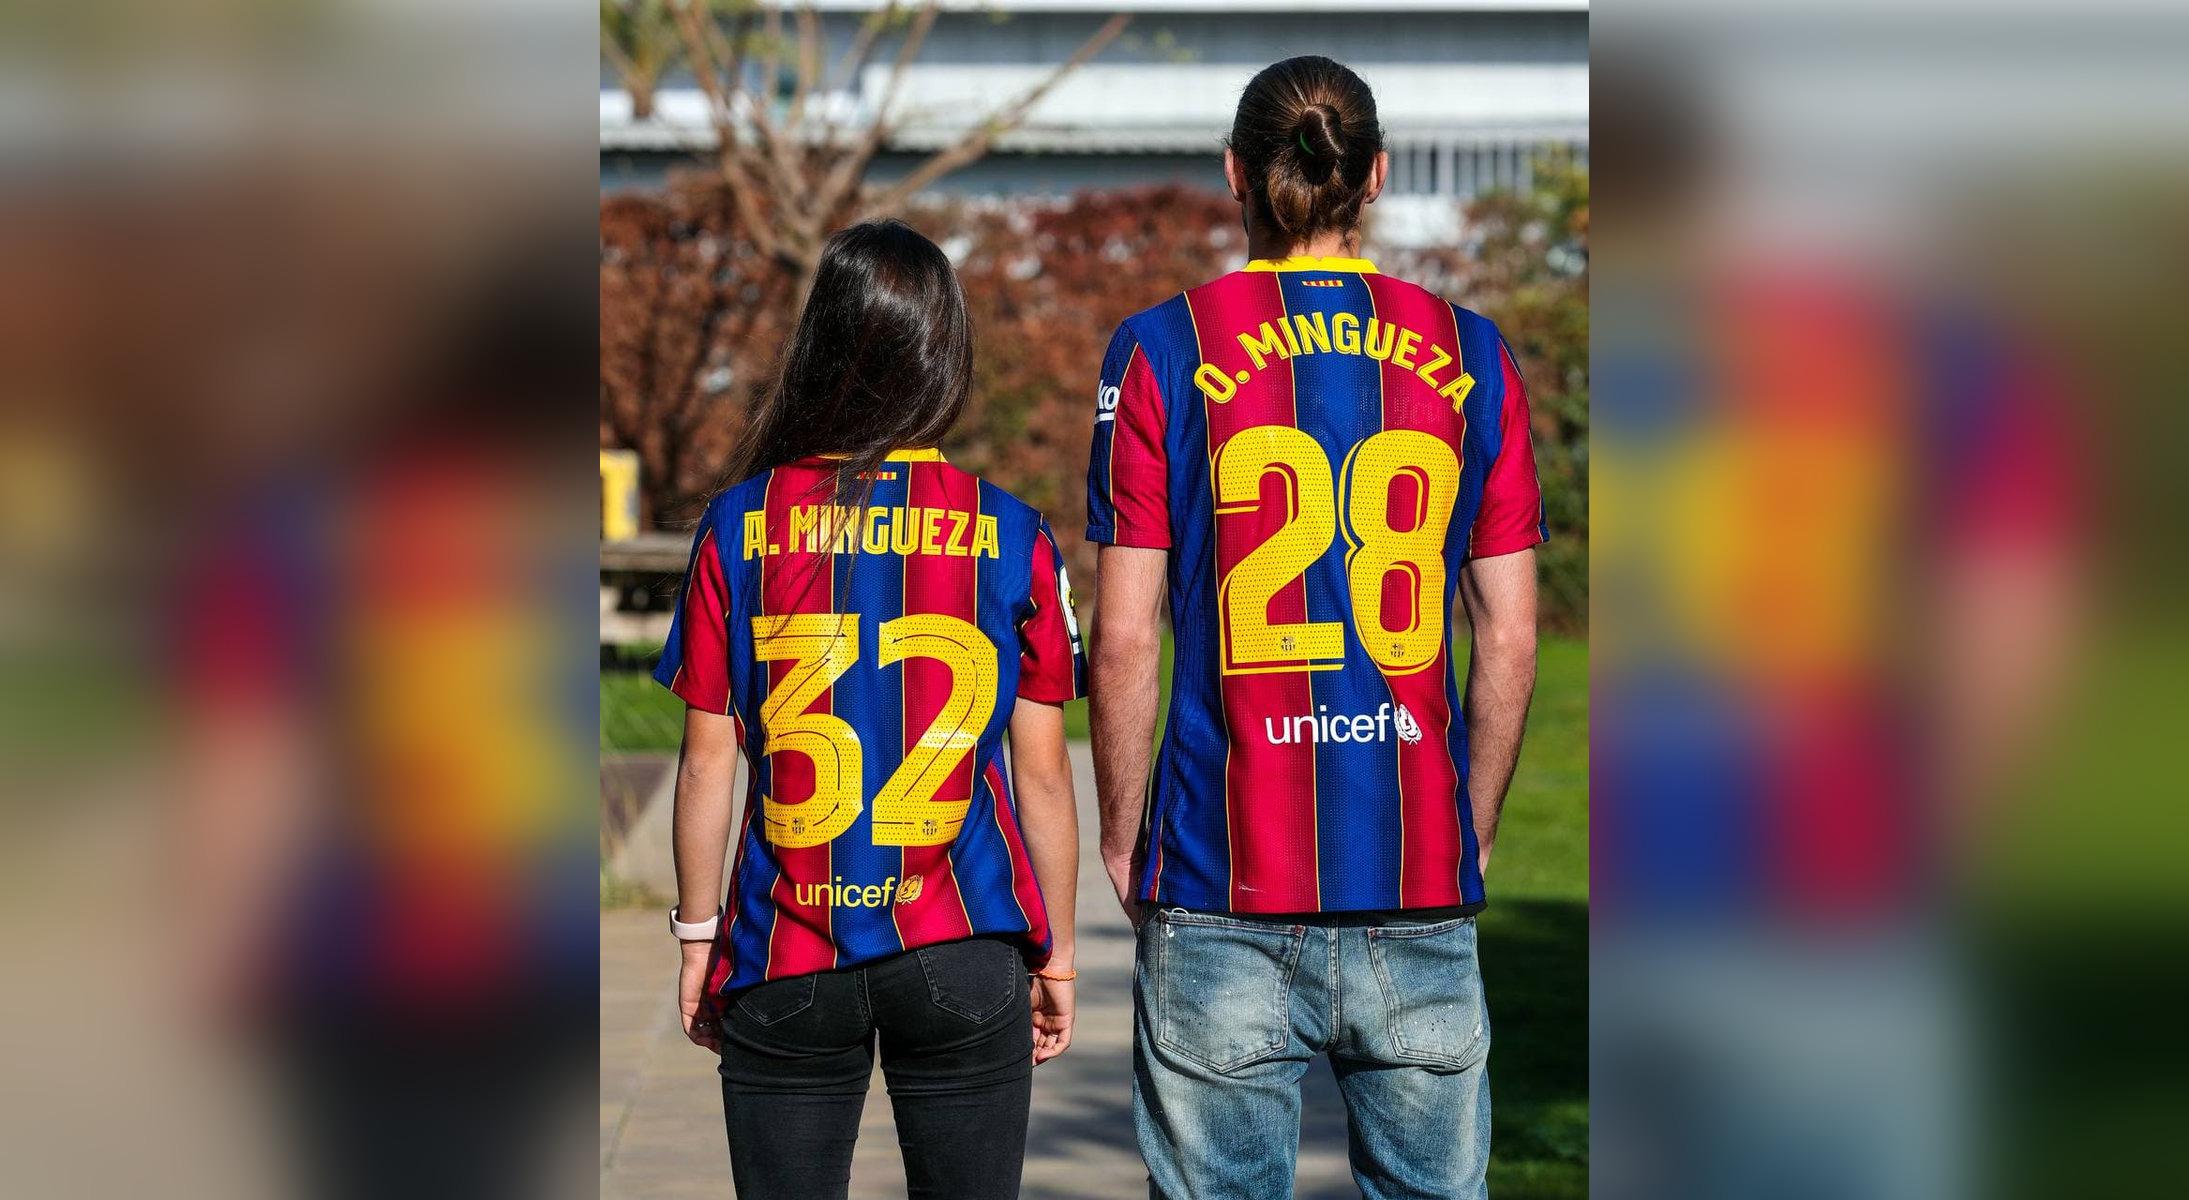 Ariadna i Óscar Mingueza són els primers germans a debutar als primers equips de futbol